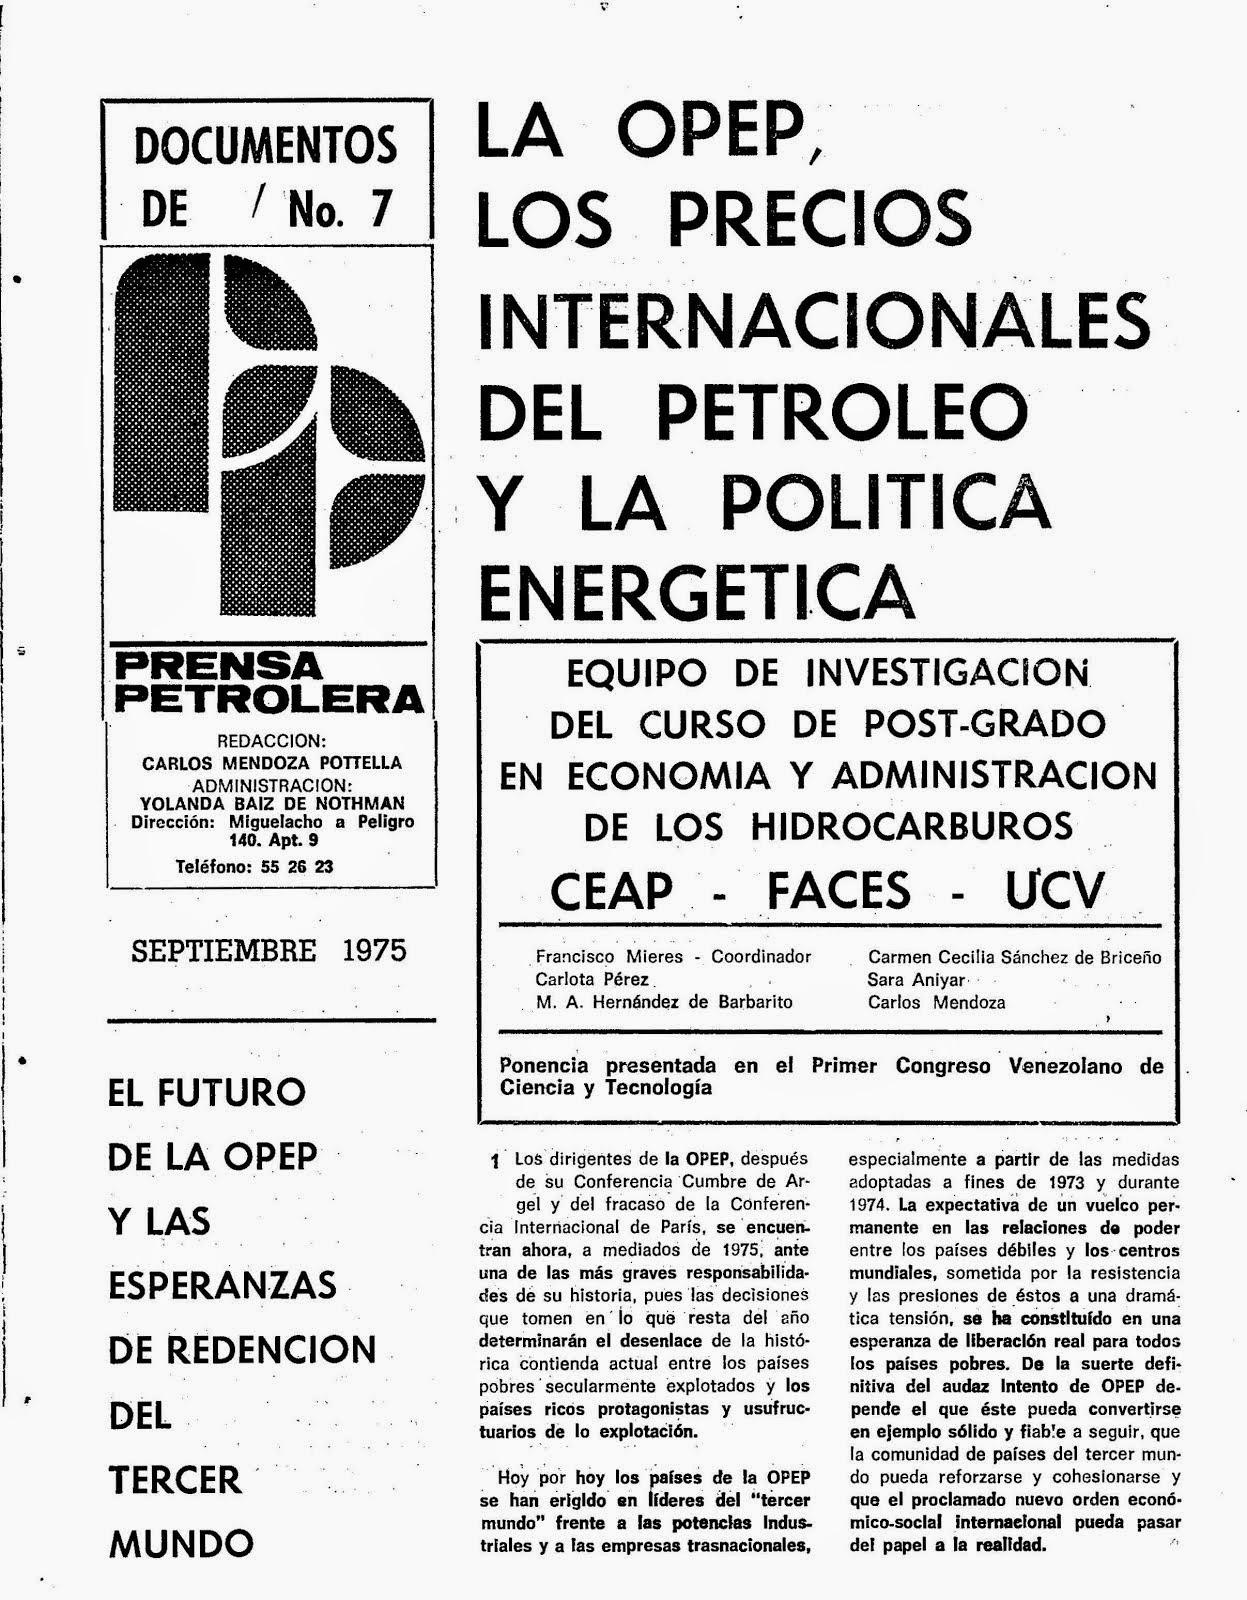 Documentos Nº 7 de Prensa Petrolers